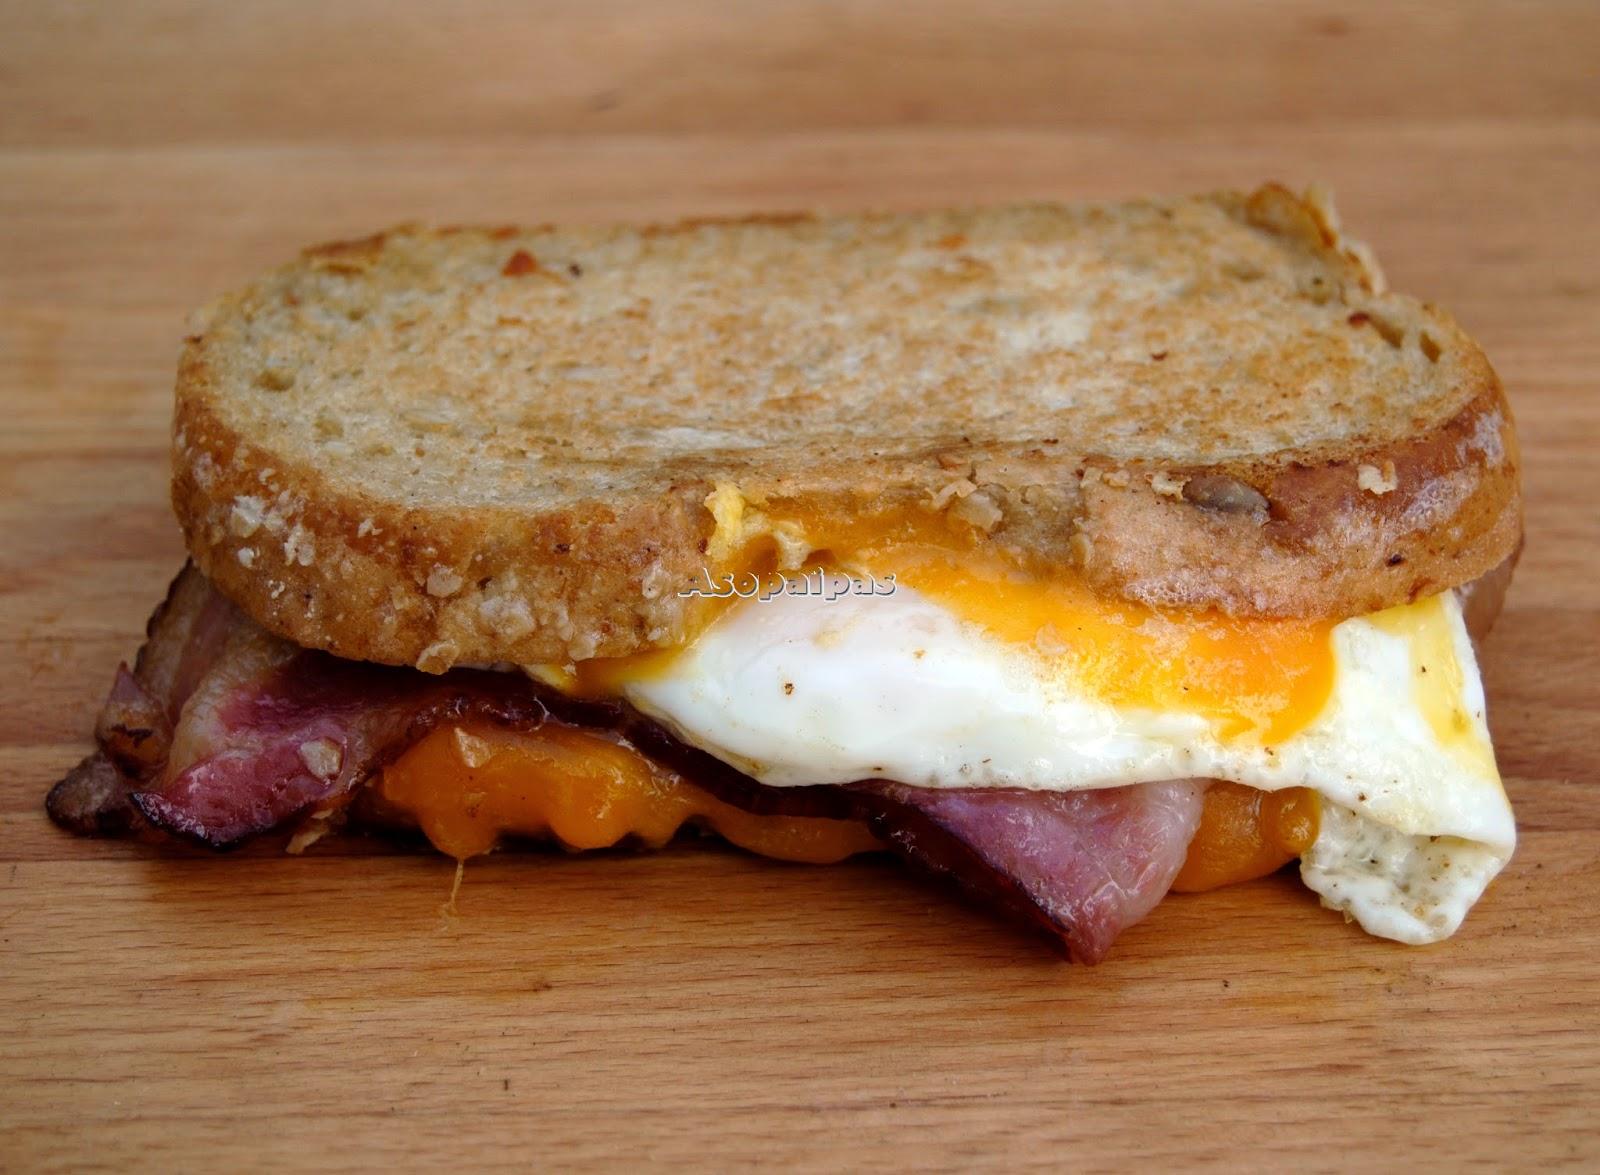 Sándwich con Bacon, Huevo Frito y Queso Cheedar Casero